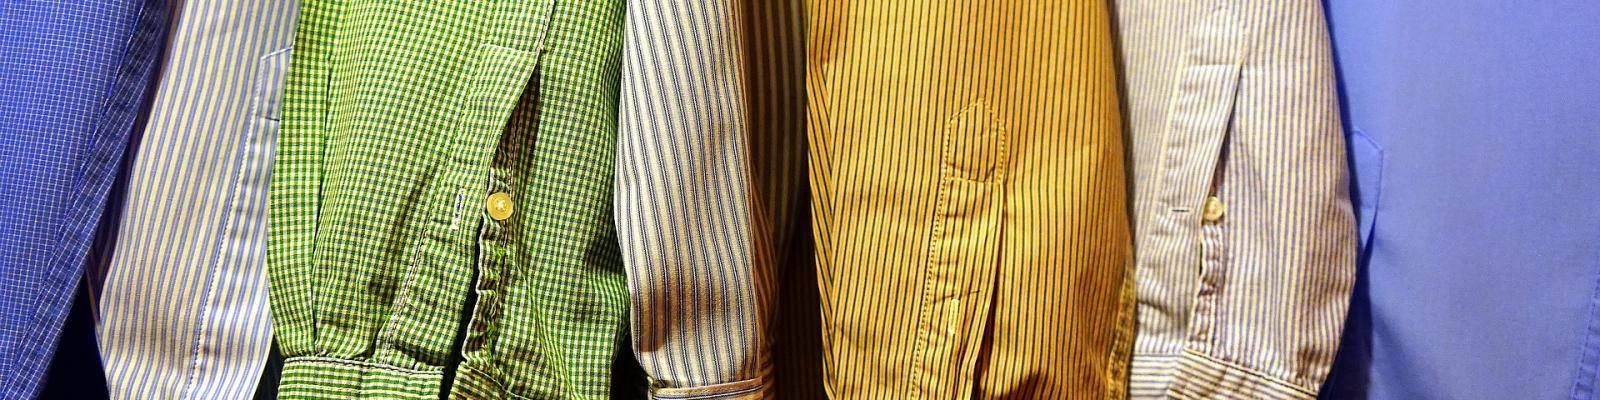 Hangende overhemden